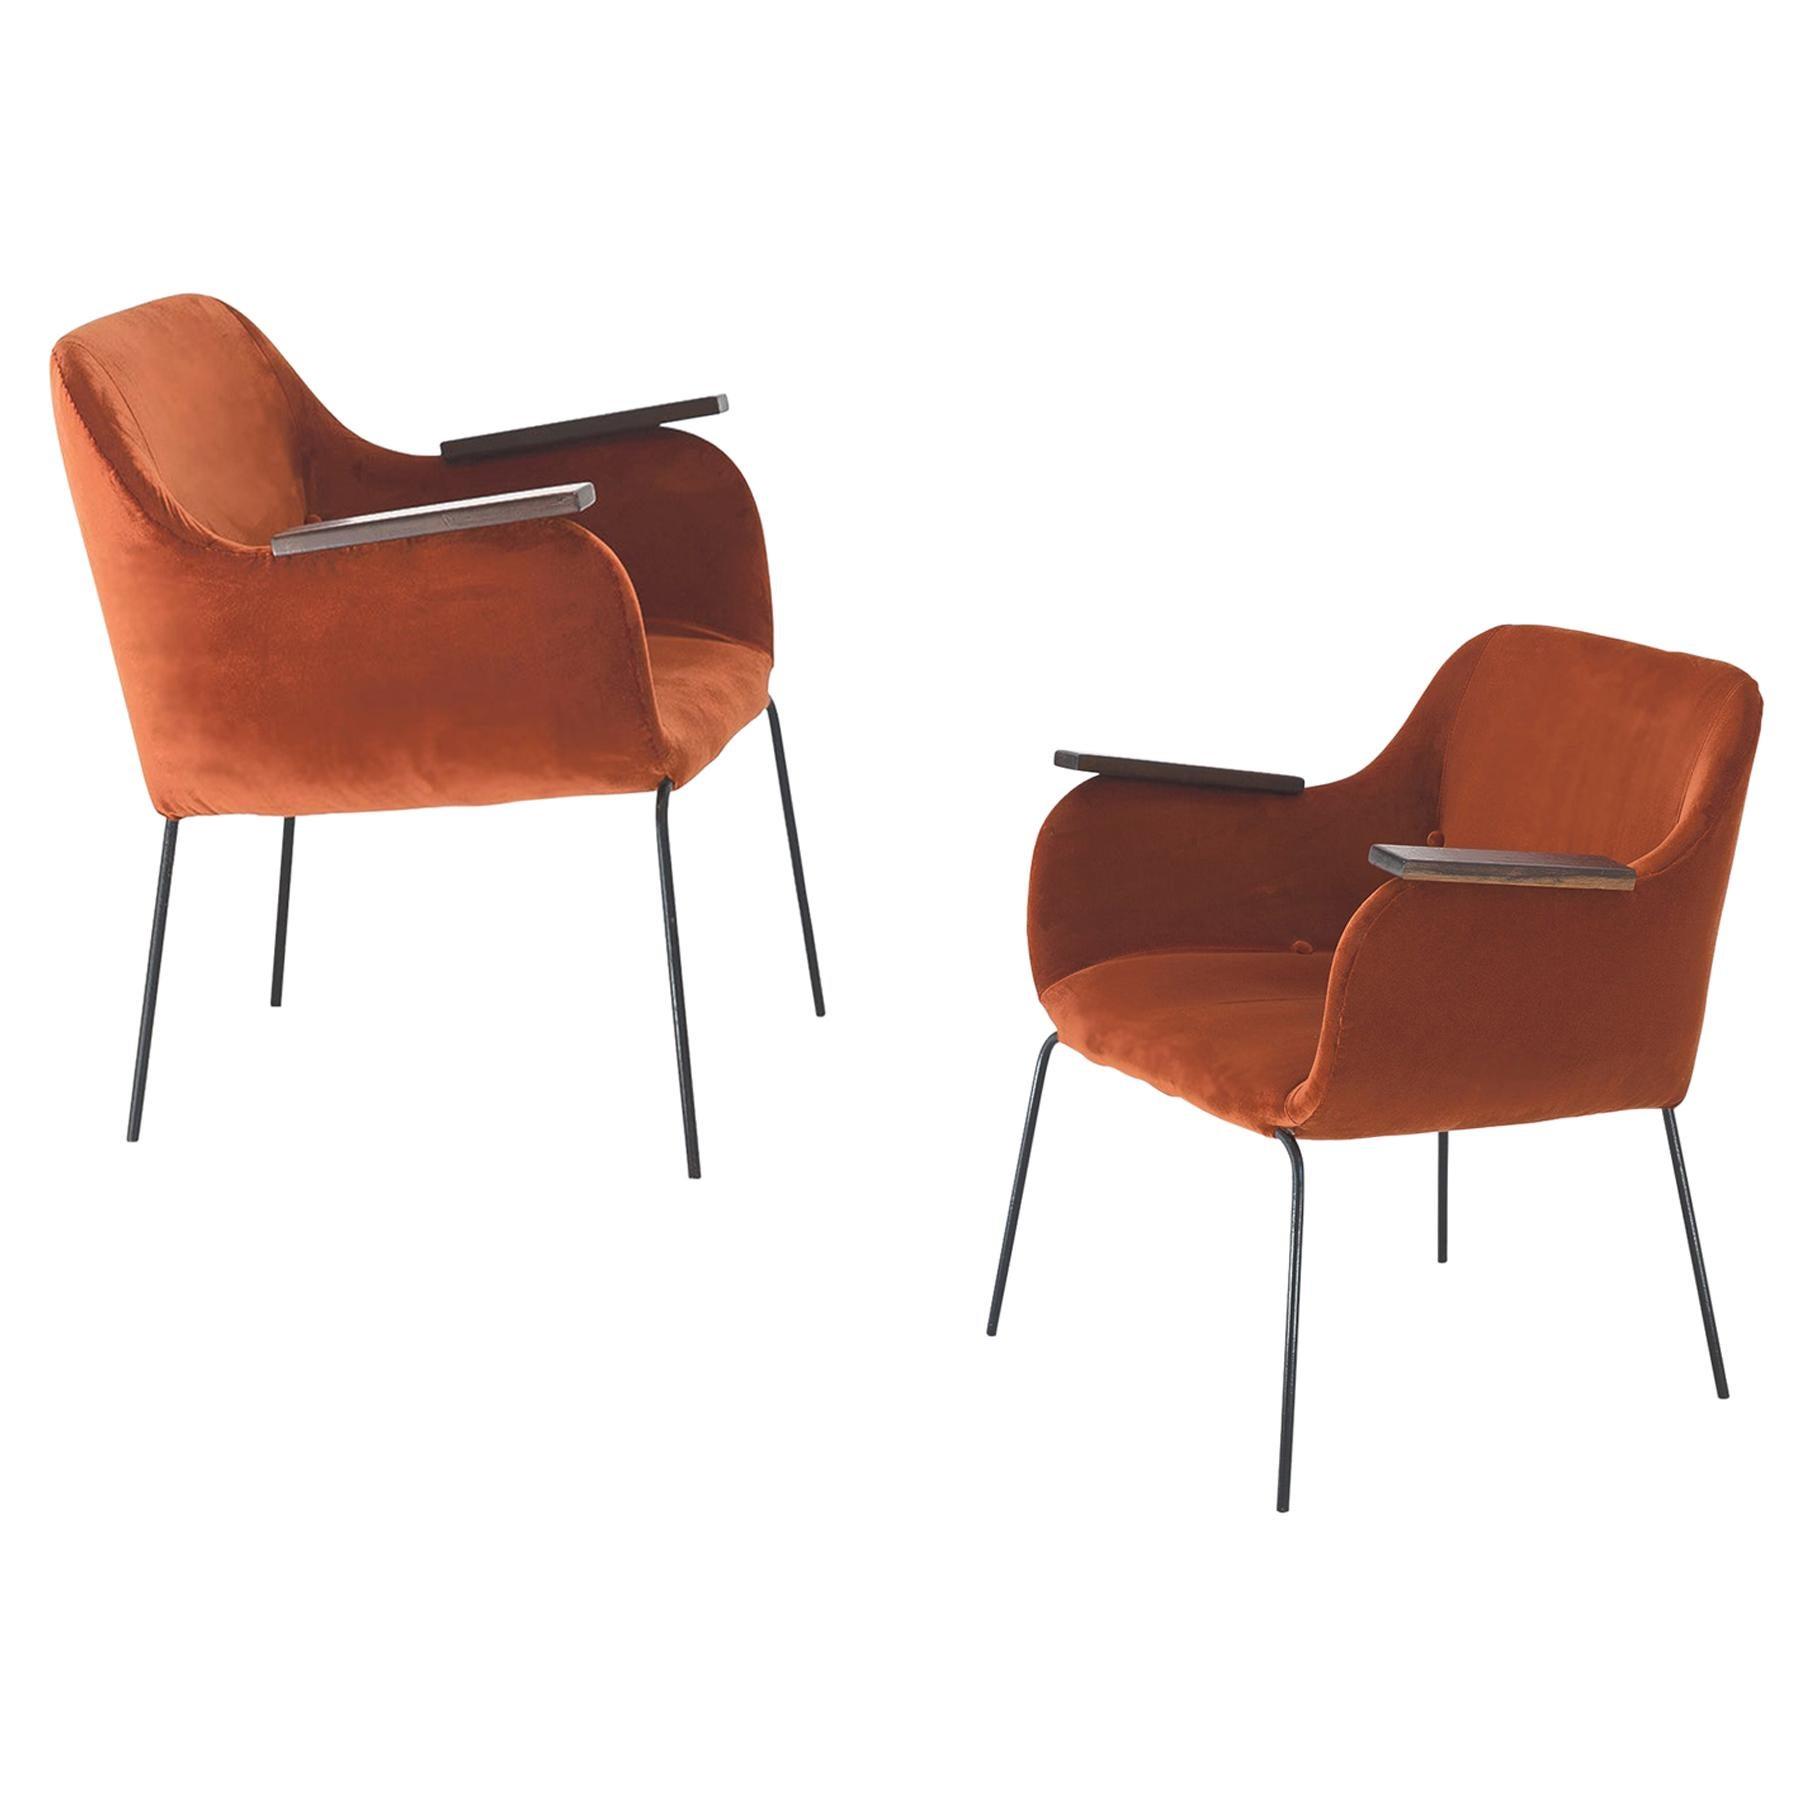 Carlos Hauner & Martin Eisler Pair of Armchairs, Orange Velvet, Brazil, 1950